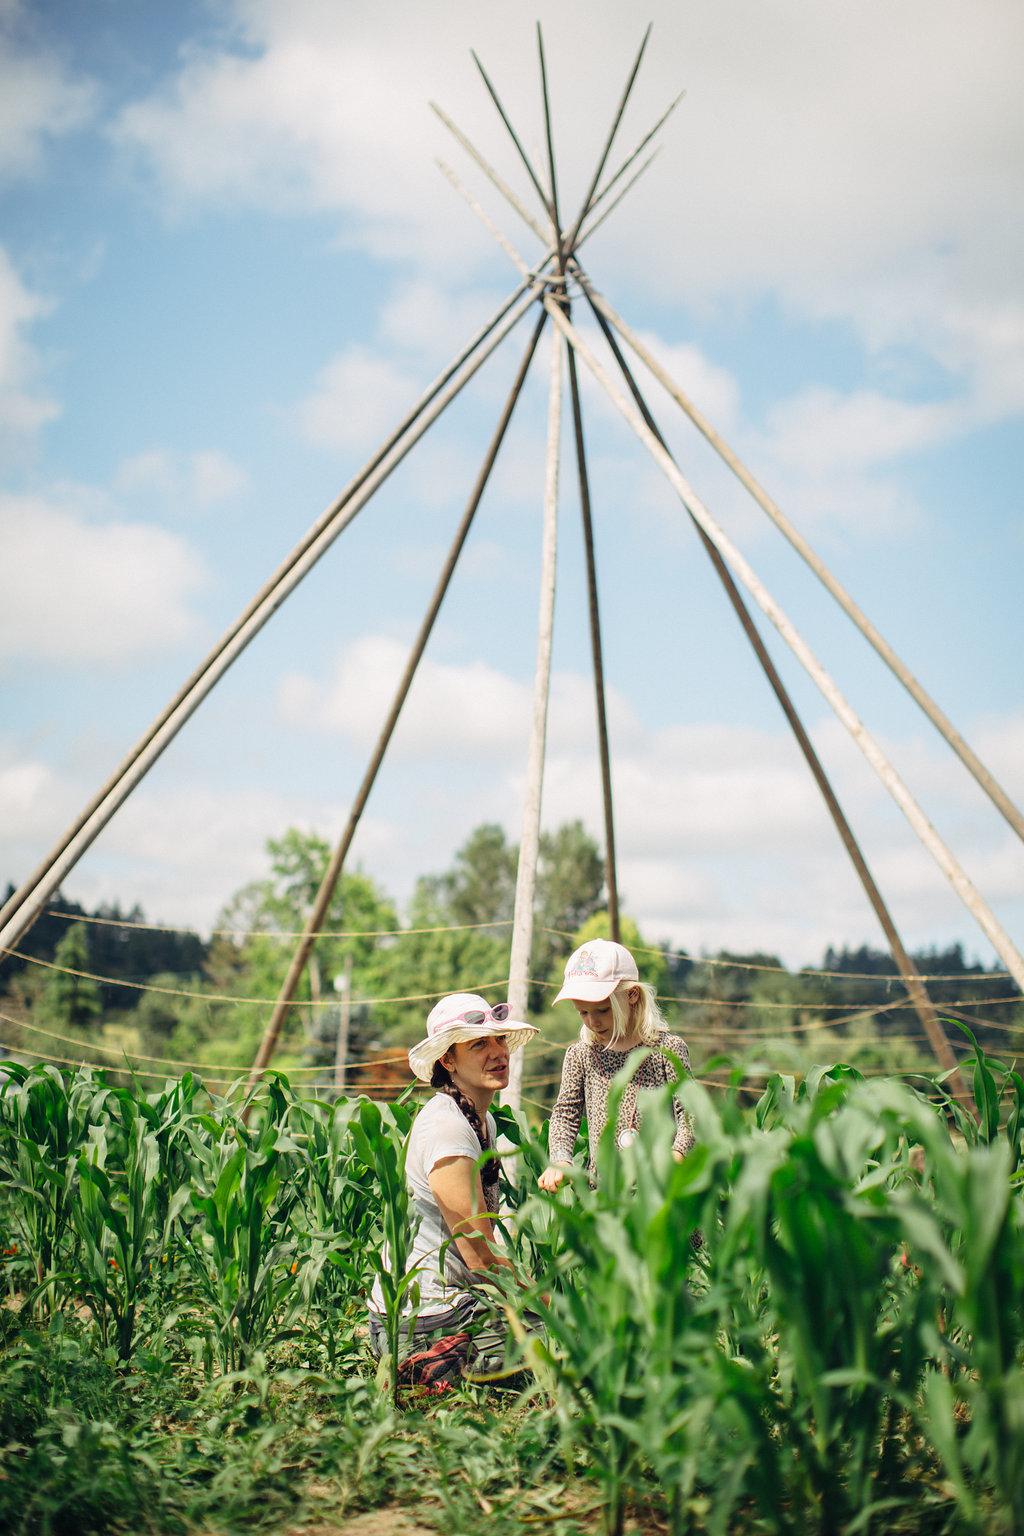 Farm Camp Tipi